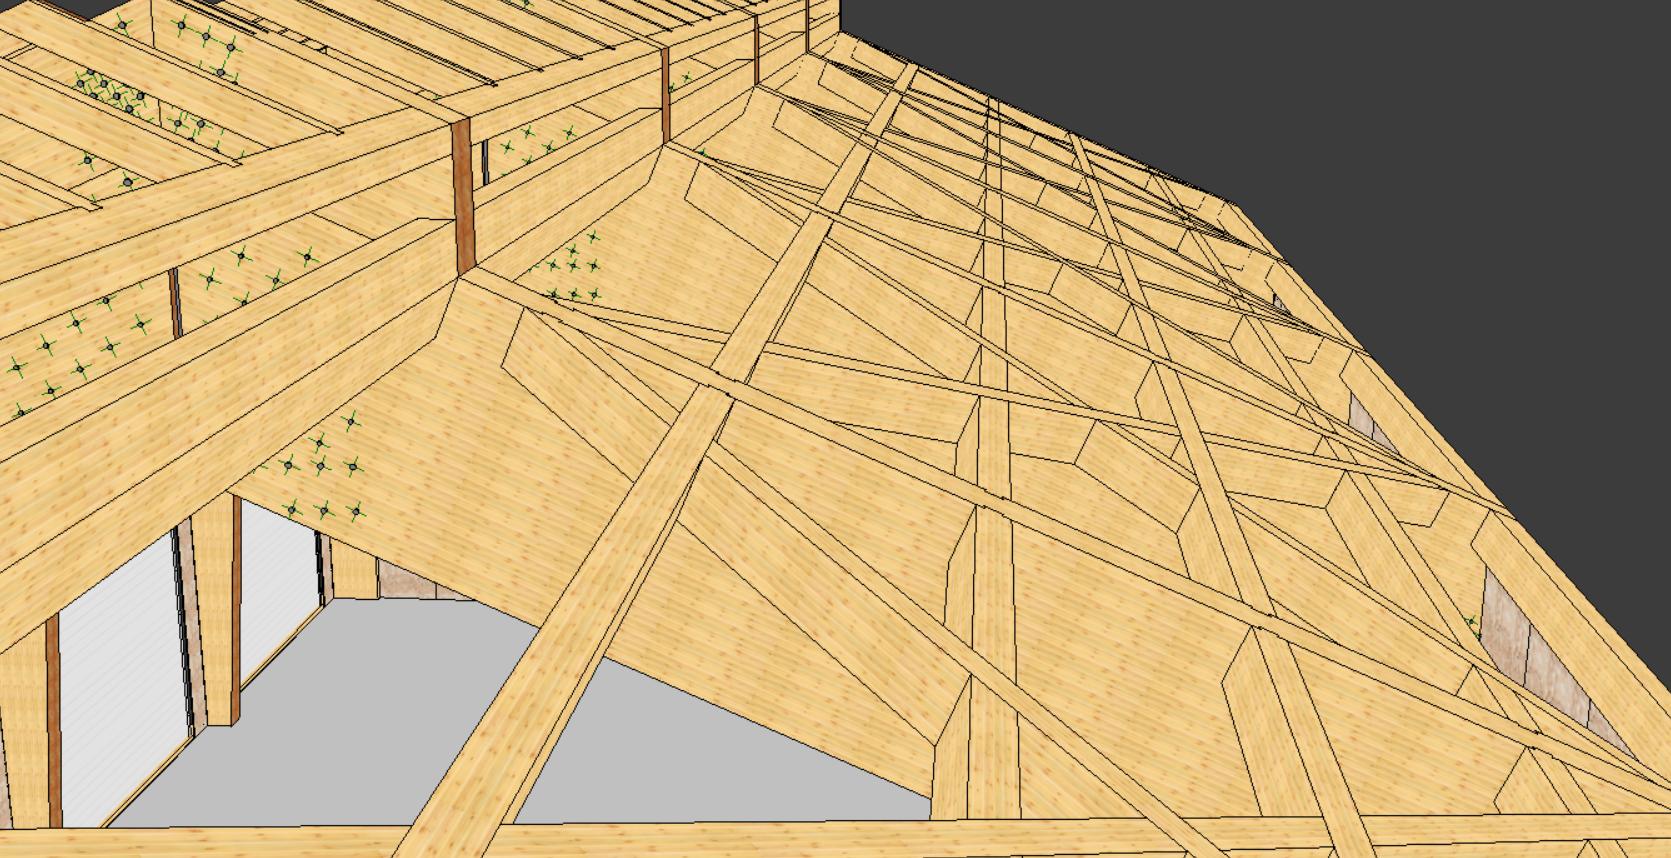 VISKON V15 3D-CAD/CAM Sektor A - Abbund-/Holzbau CAD   Jahresmiete mit Softwarepflege & Wartung